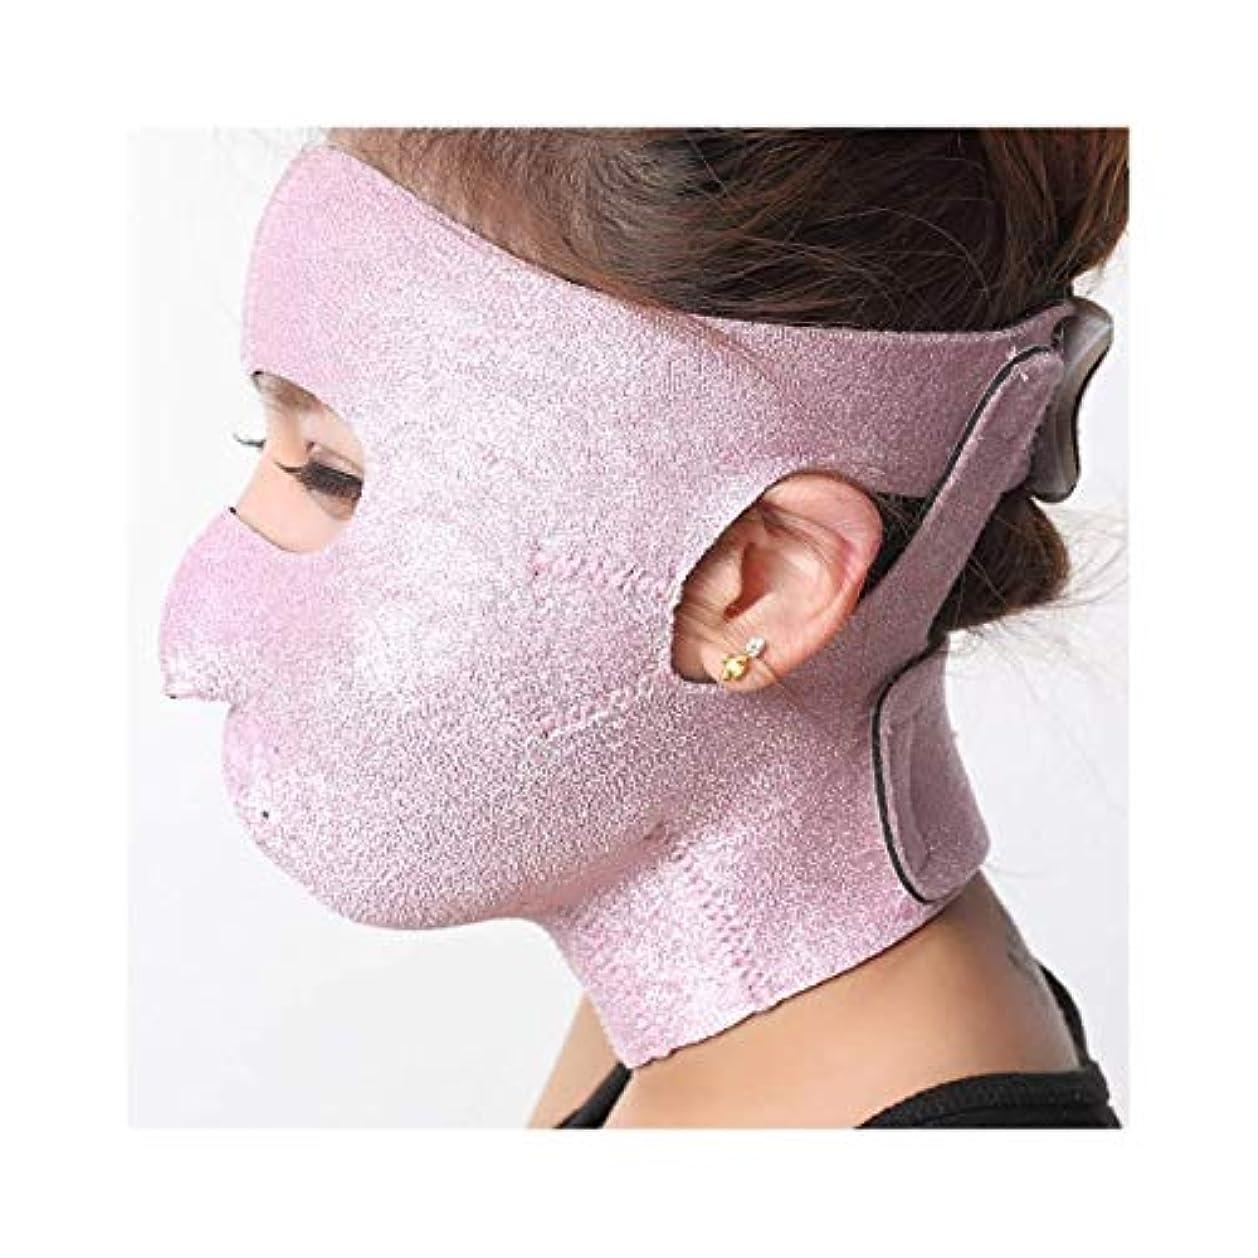 排出繕う敷居ファーミングフェイスマスク、スモールVフェイスアーティファクトSクリームフェイスリフトフェイスメロンフェイスインストゥルメントを引き締めるリフティングマスク付きリープ薄型フェイスバンデージマスク